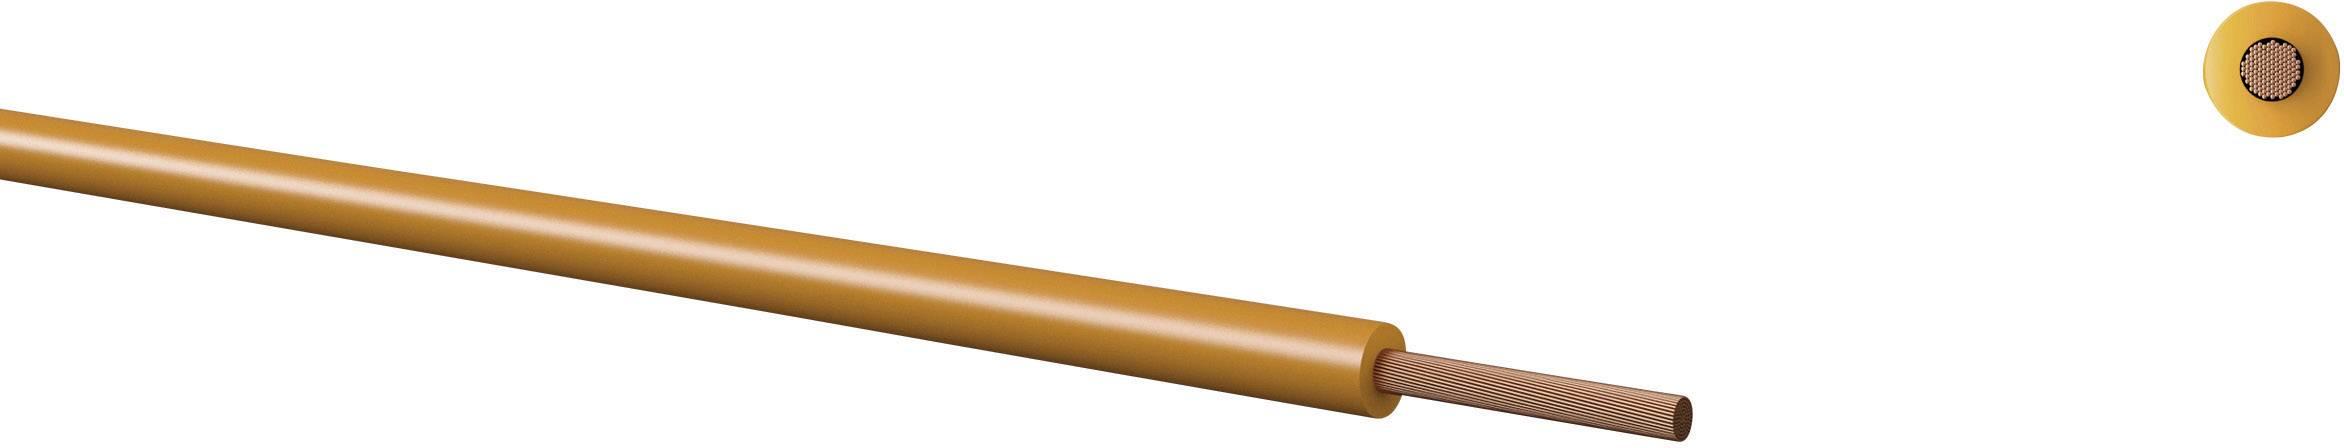 Opletenie / lanko Kabeltronik 160107501 LiFY, 1 x 0.75 mm², vonkajší Ø 2.20 mm, metrový tovar, biela